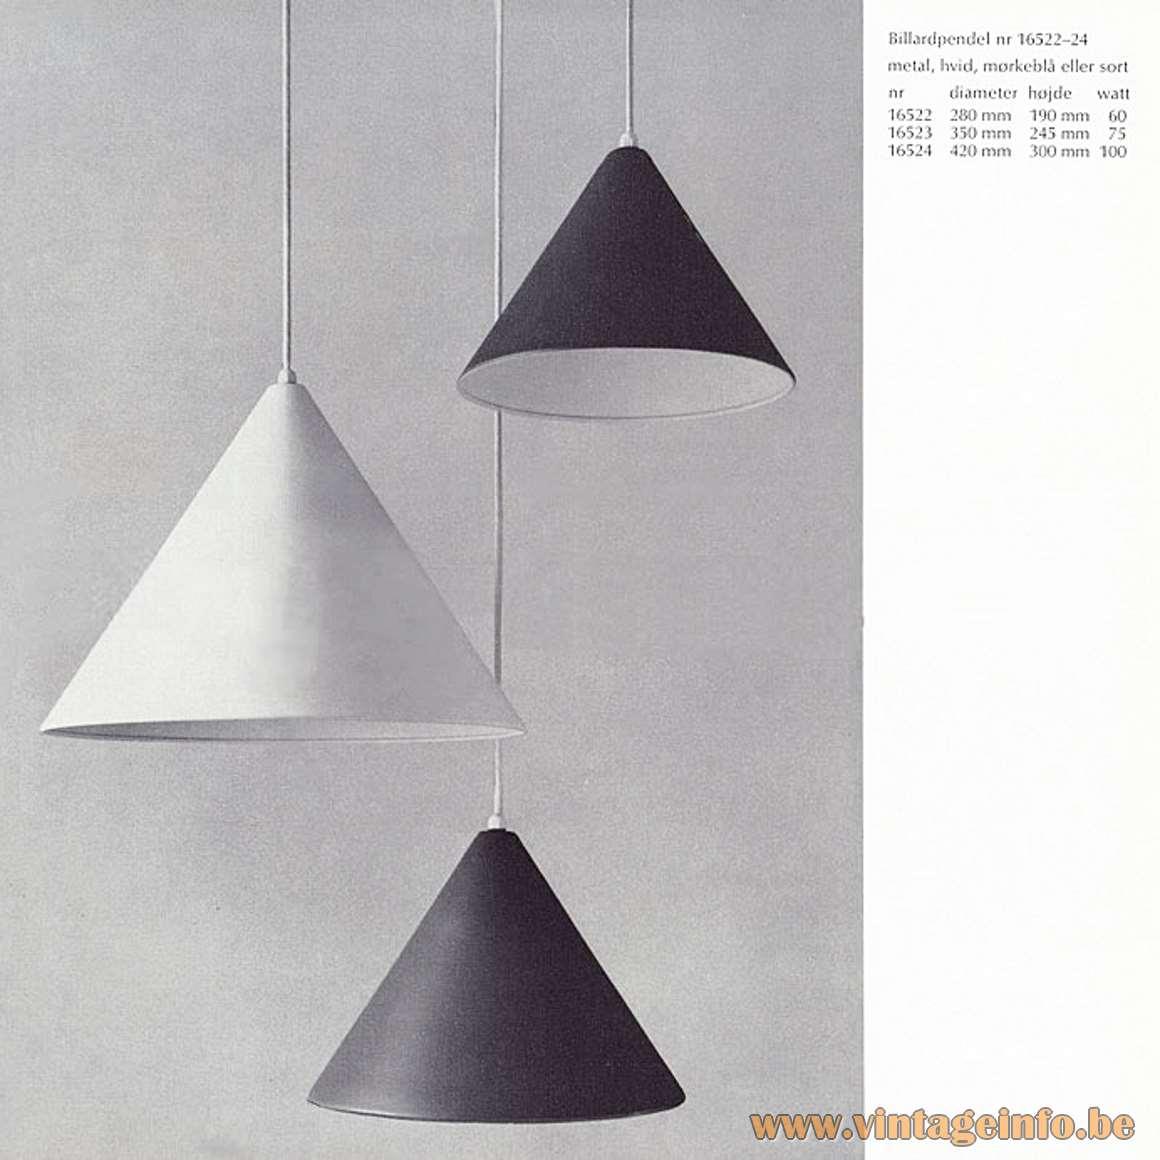 Poulsen Billiard Pendant Lights - Louis Poulsen catalogue 1967